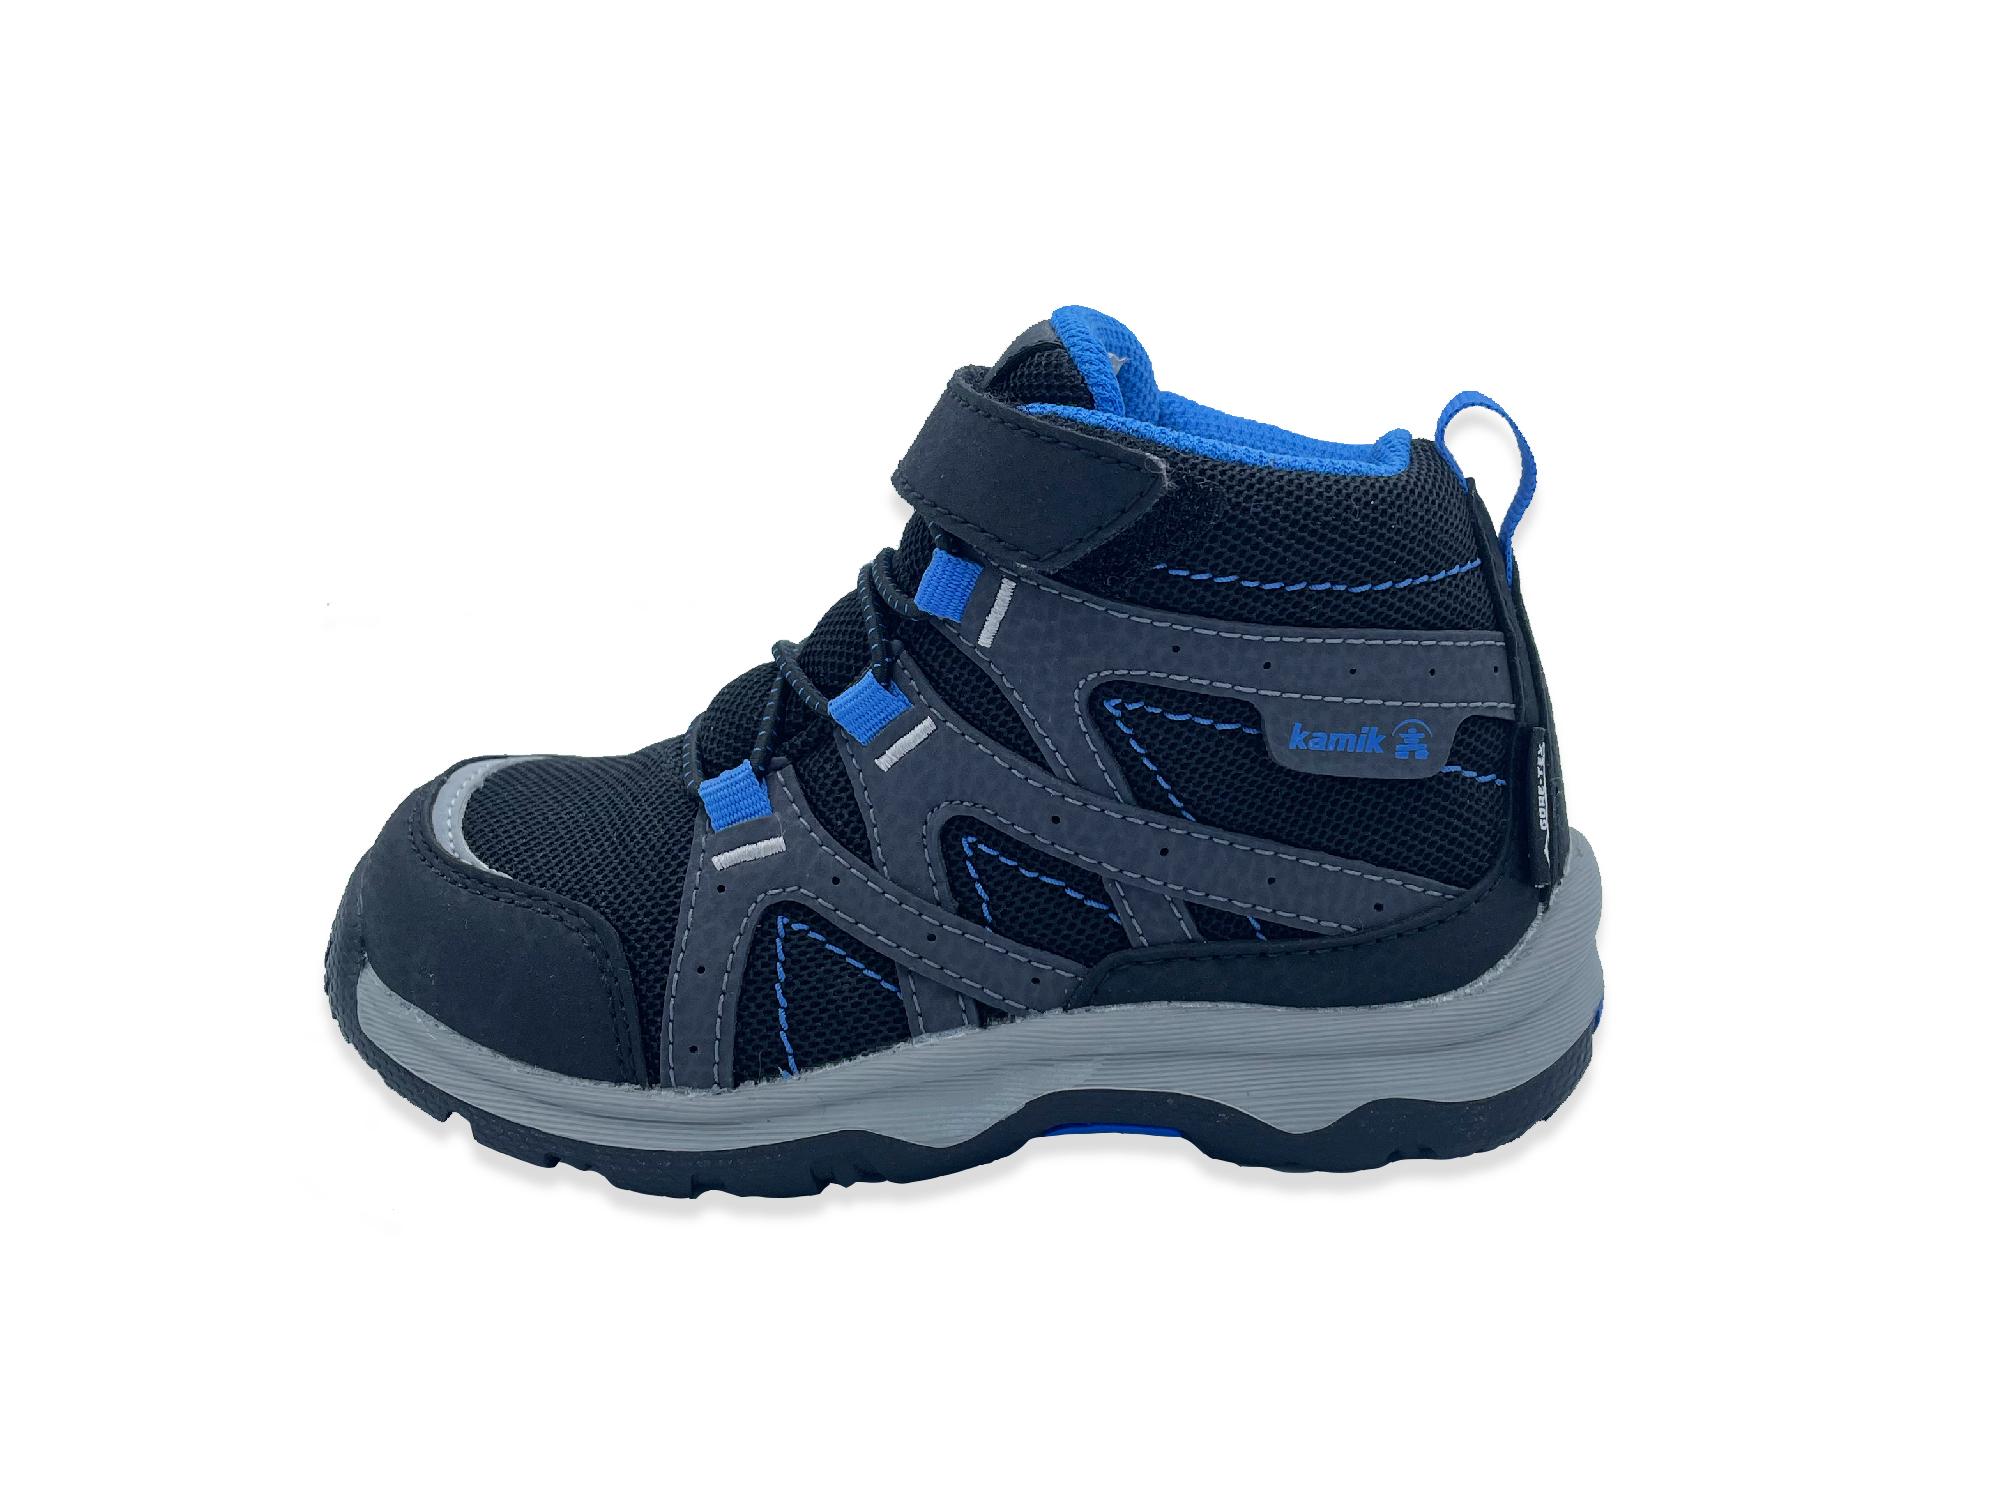 Kamik Outdoor Boot